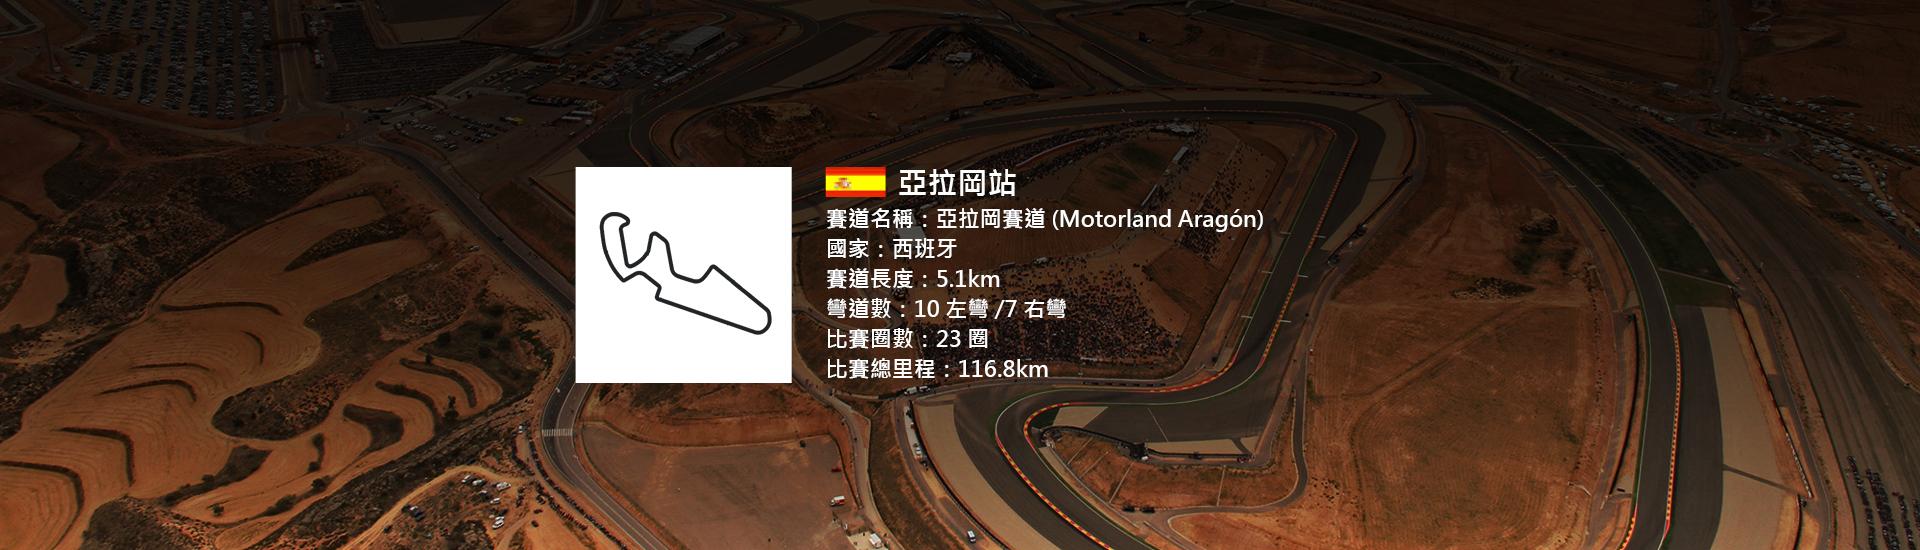 2018 MotoGP 亞拉岡站